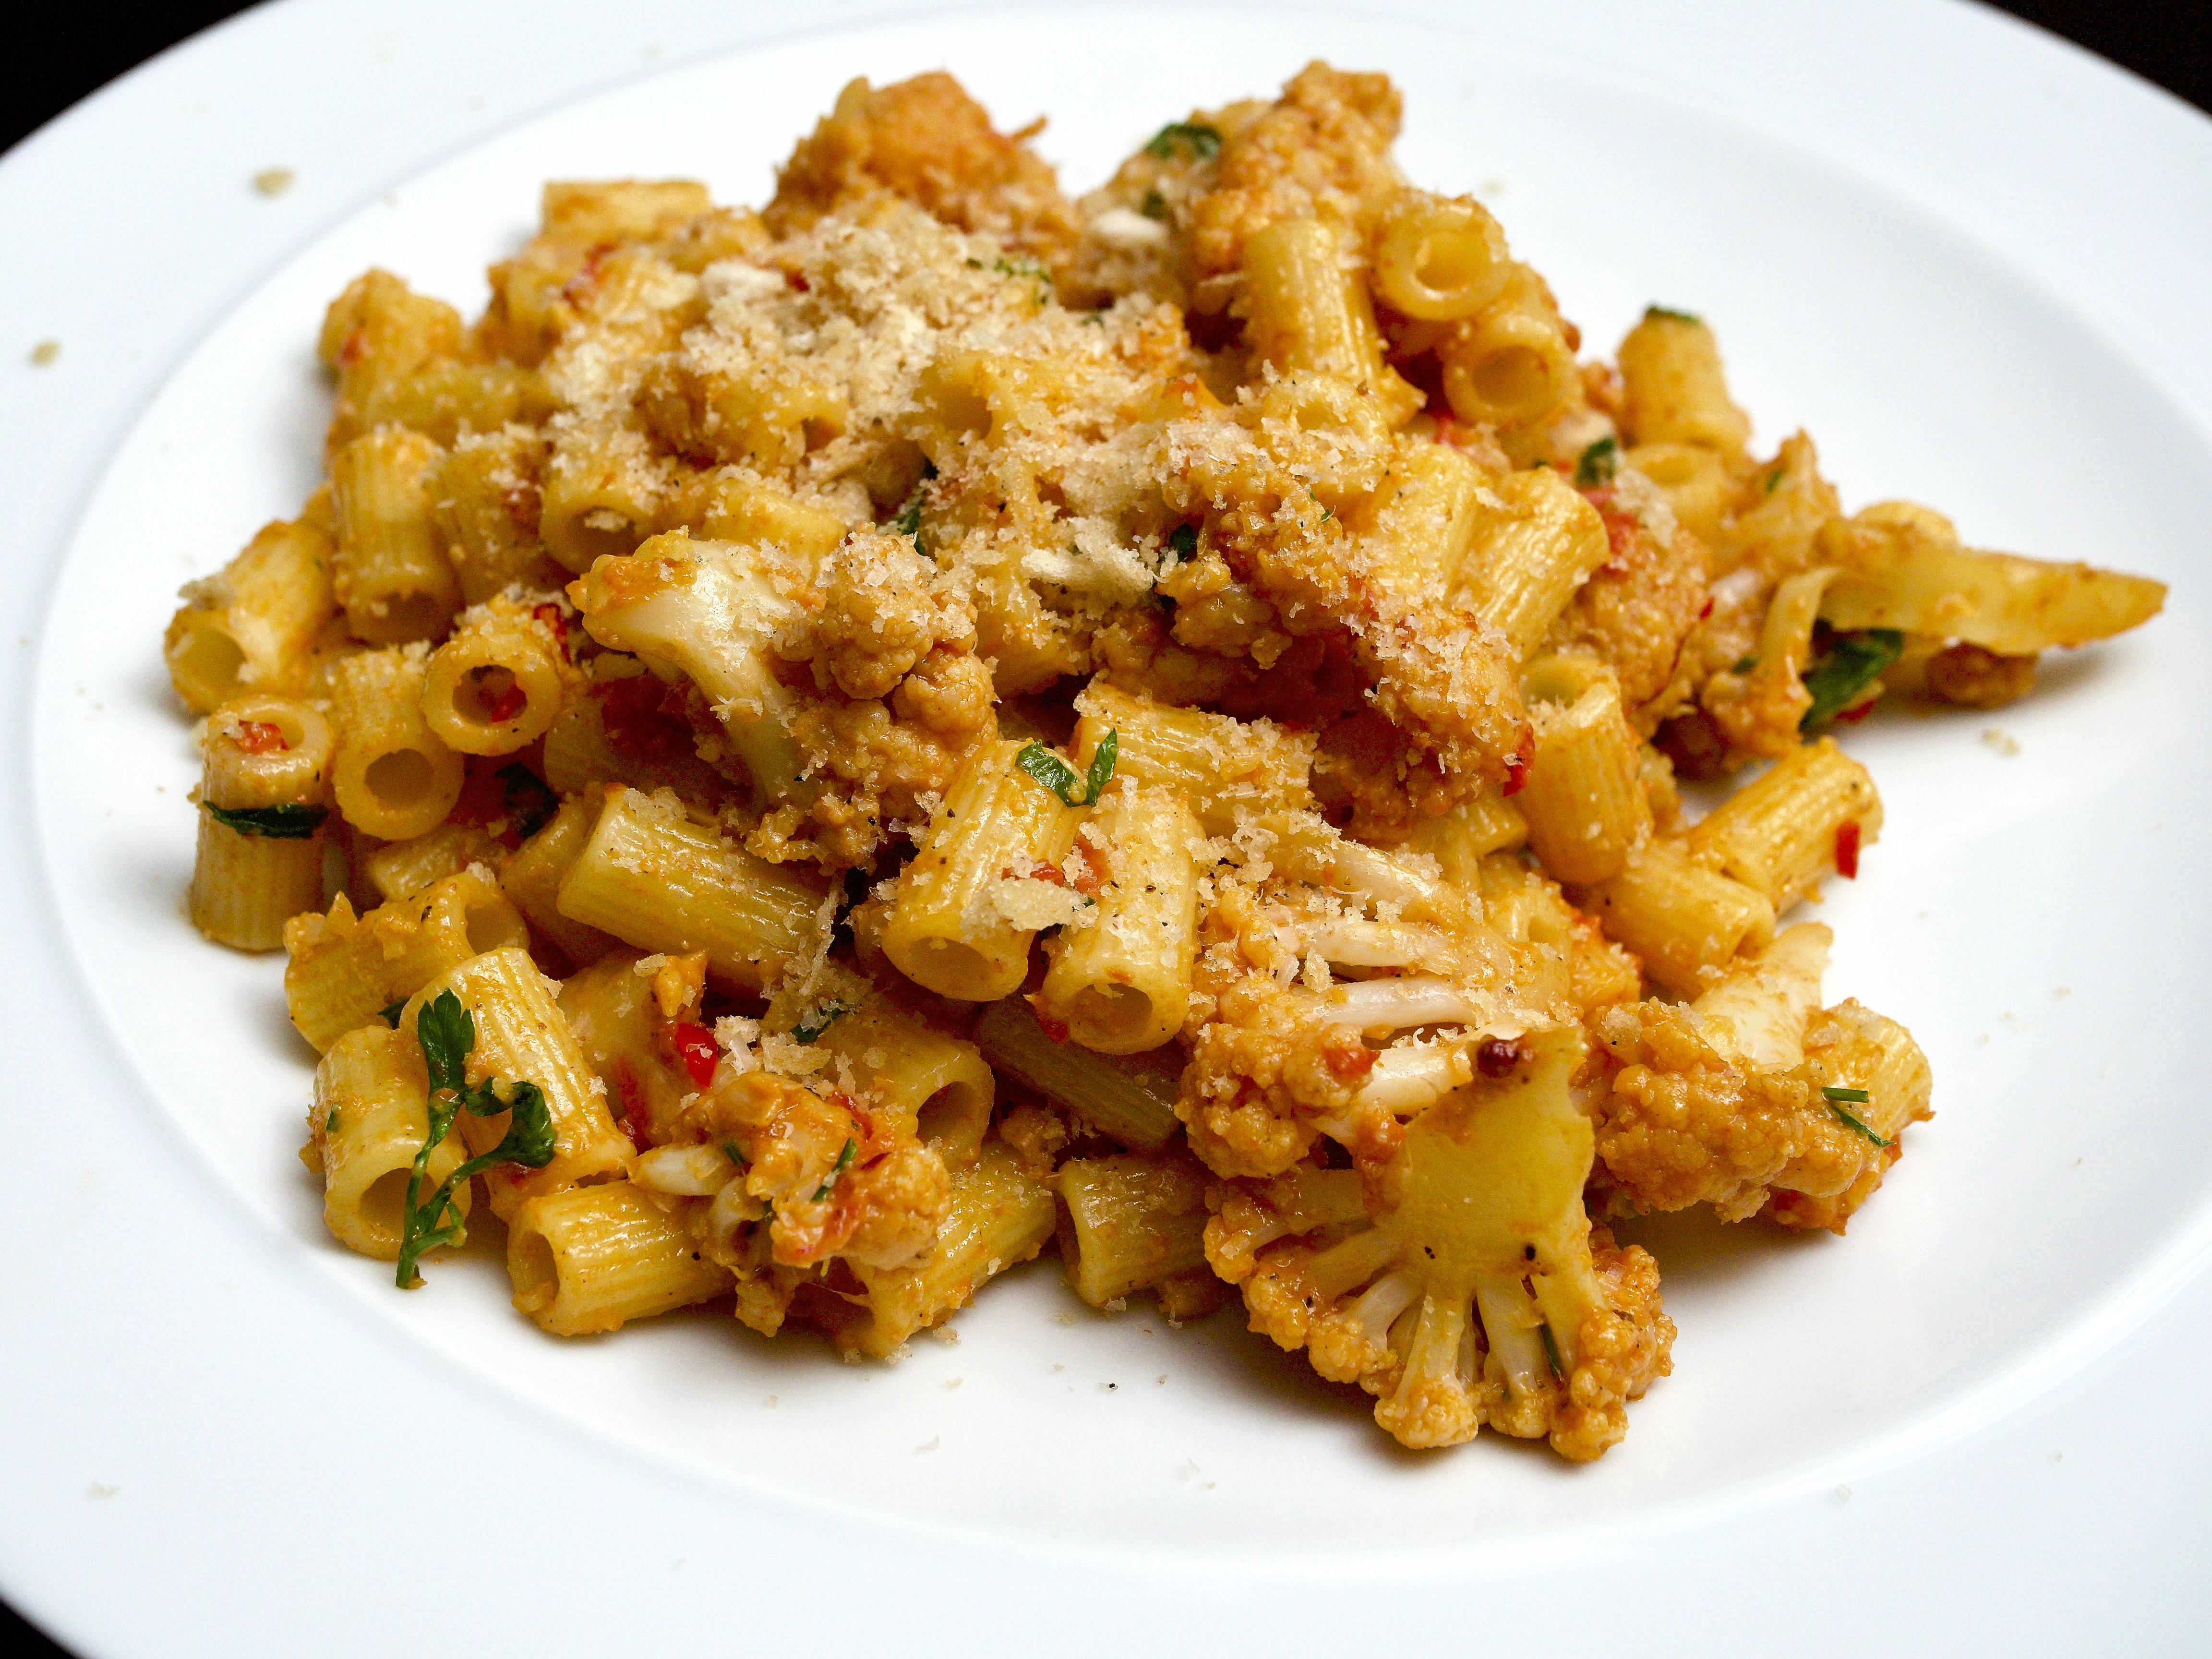 Ditali Pasta with Cauliflower, Saffron and Tomato Cream Sauce